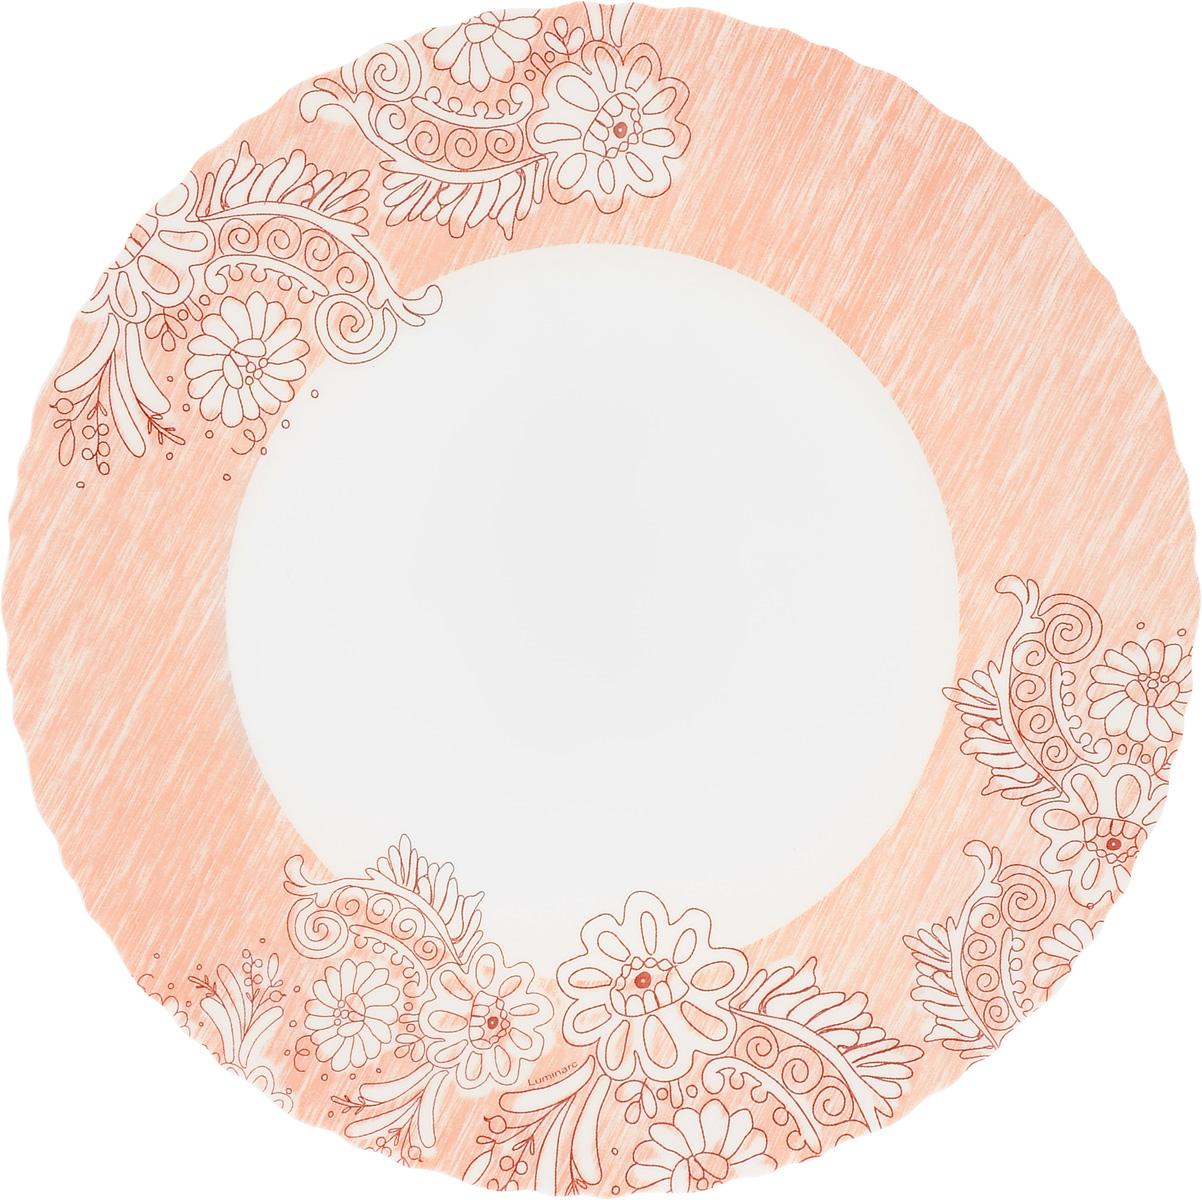 Тарелка обеденная Luminarc Minelly Pink, диаметр 25 смJ7032Обеденная тарелка Luminarc Minelly Pink, изготовленная из ударопрочного стекла, имеет изысканный внешний вид. Яркий дизайн придется по вкусу и ценителям классики, и тем, кто предпочитает утонченность. Тарелка Luminarc Minelly Pink идеально подойдет для сервировки вторых блюд из птицы, рыбы, мяса или овощей, а также станет отличным подарком к любому празднику.Диаметр тарелки (по верхнему краю): 25 см.